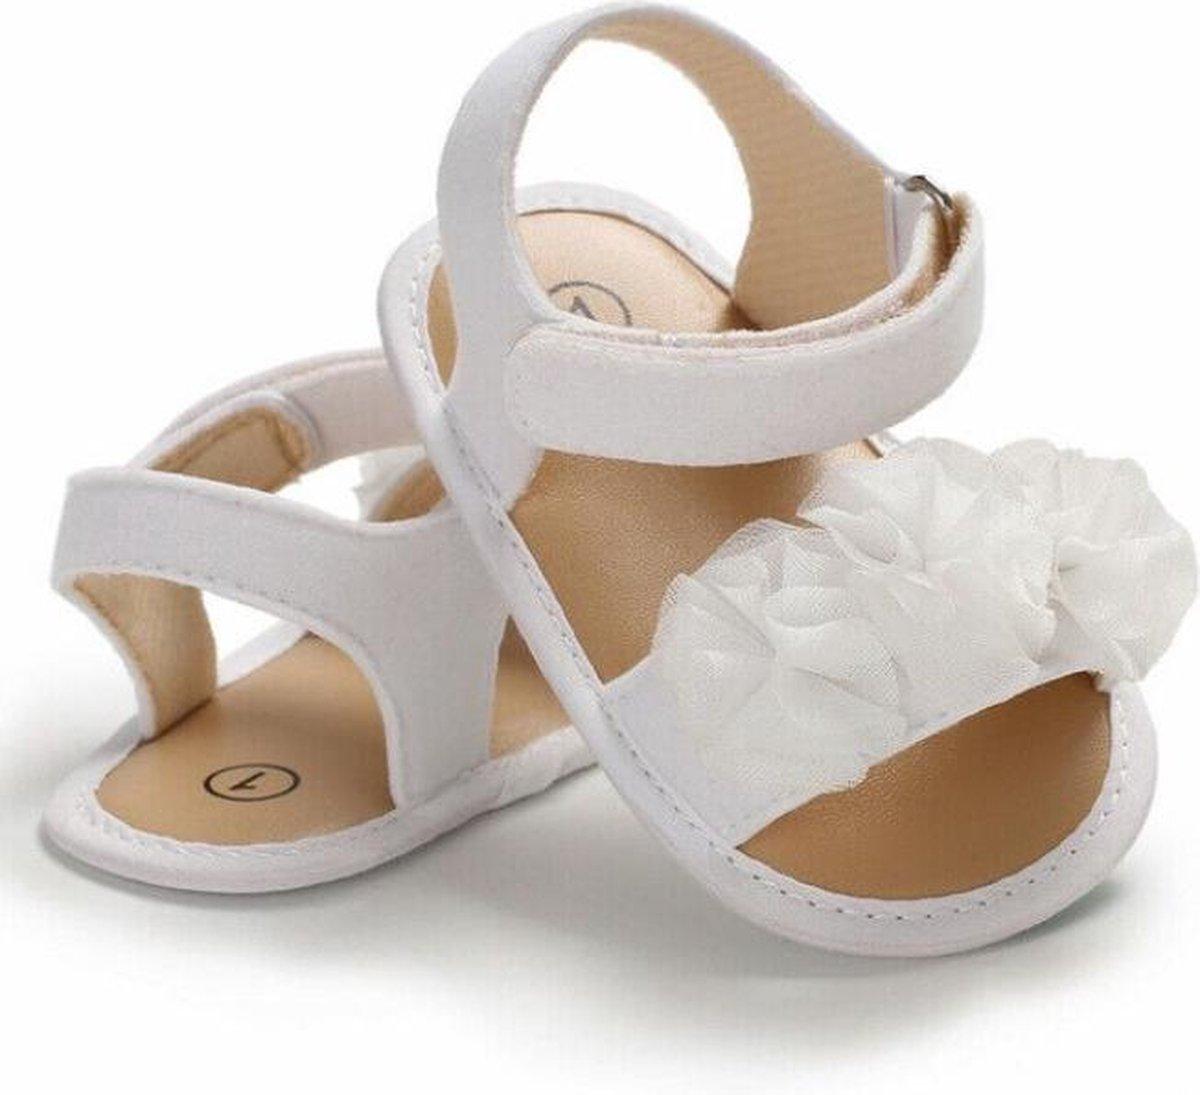 Witte sandalen   zomer schoenen   baby meisjes   antislip zachte zool   0 tot 6 maanden   maat 19